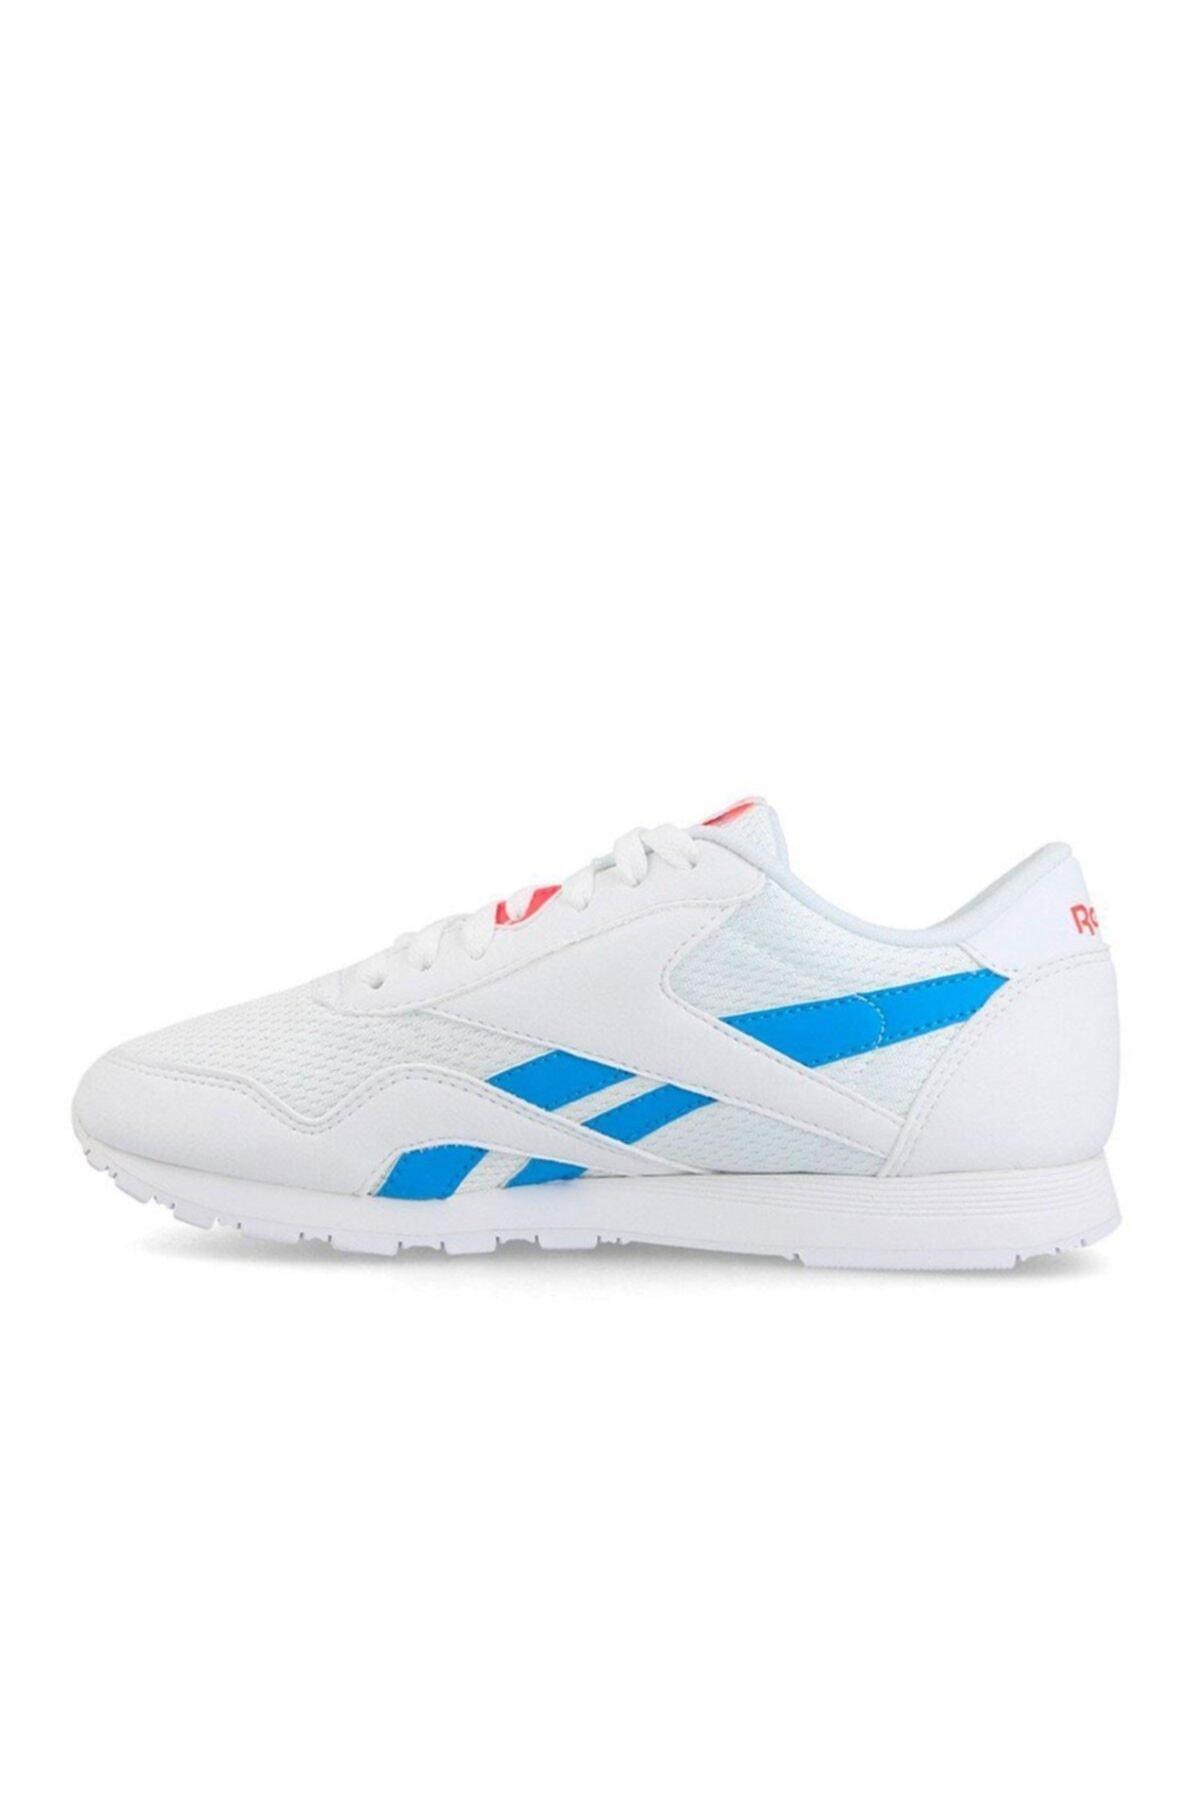 Reebok CL NYLON TXT Beyaz Kadın Koşu Ayakkabısı 100413236 2